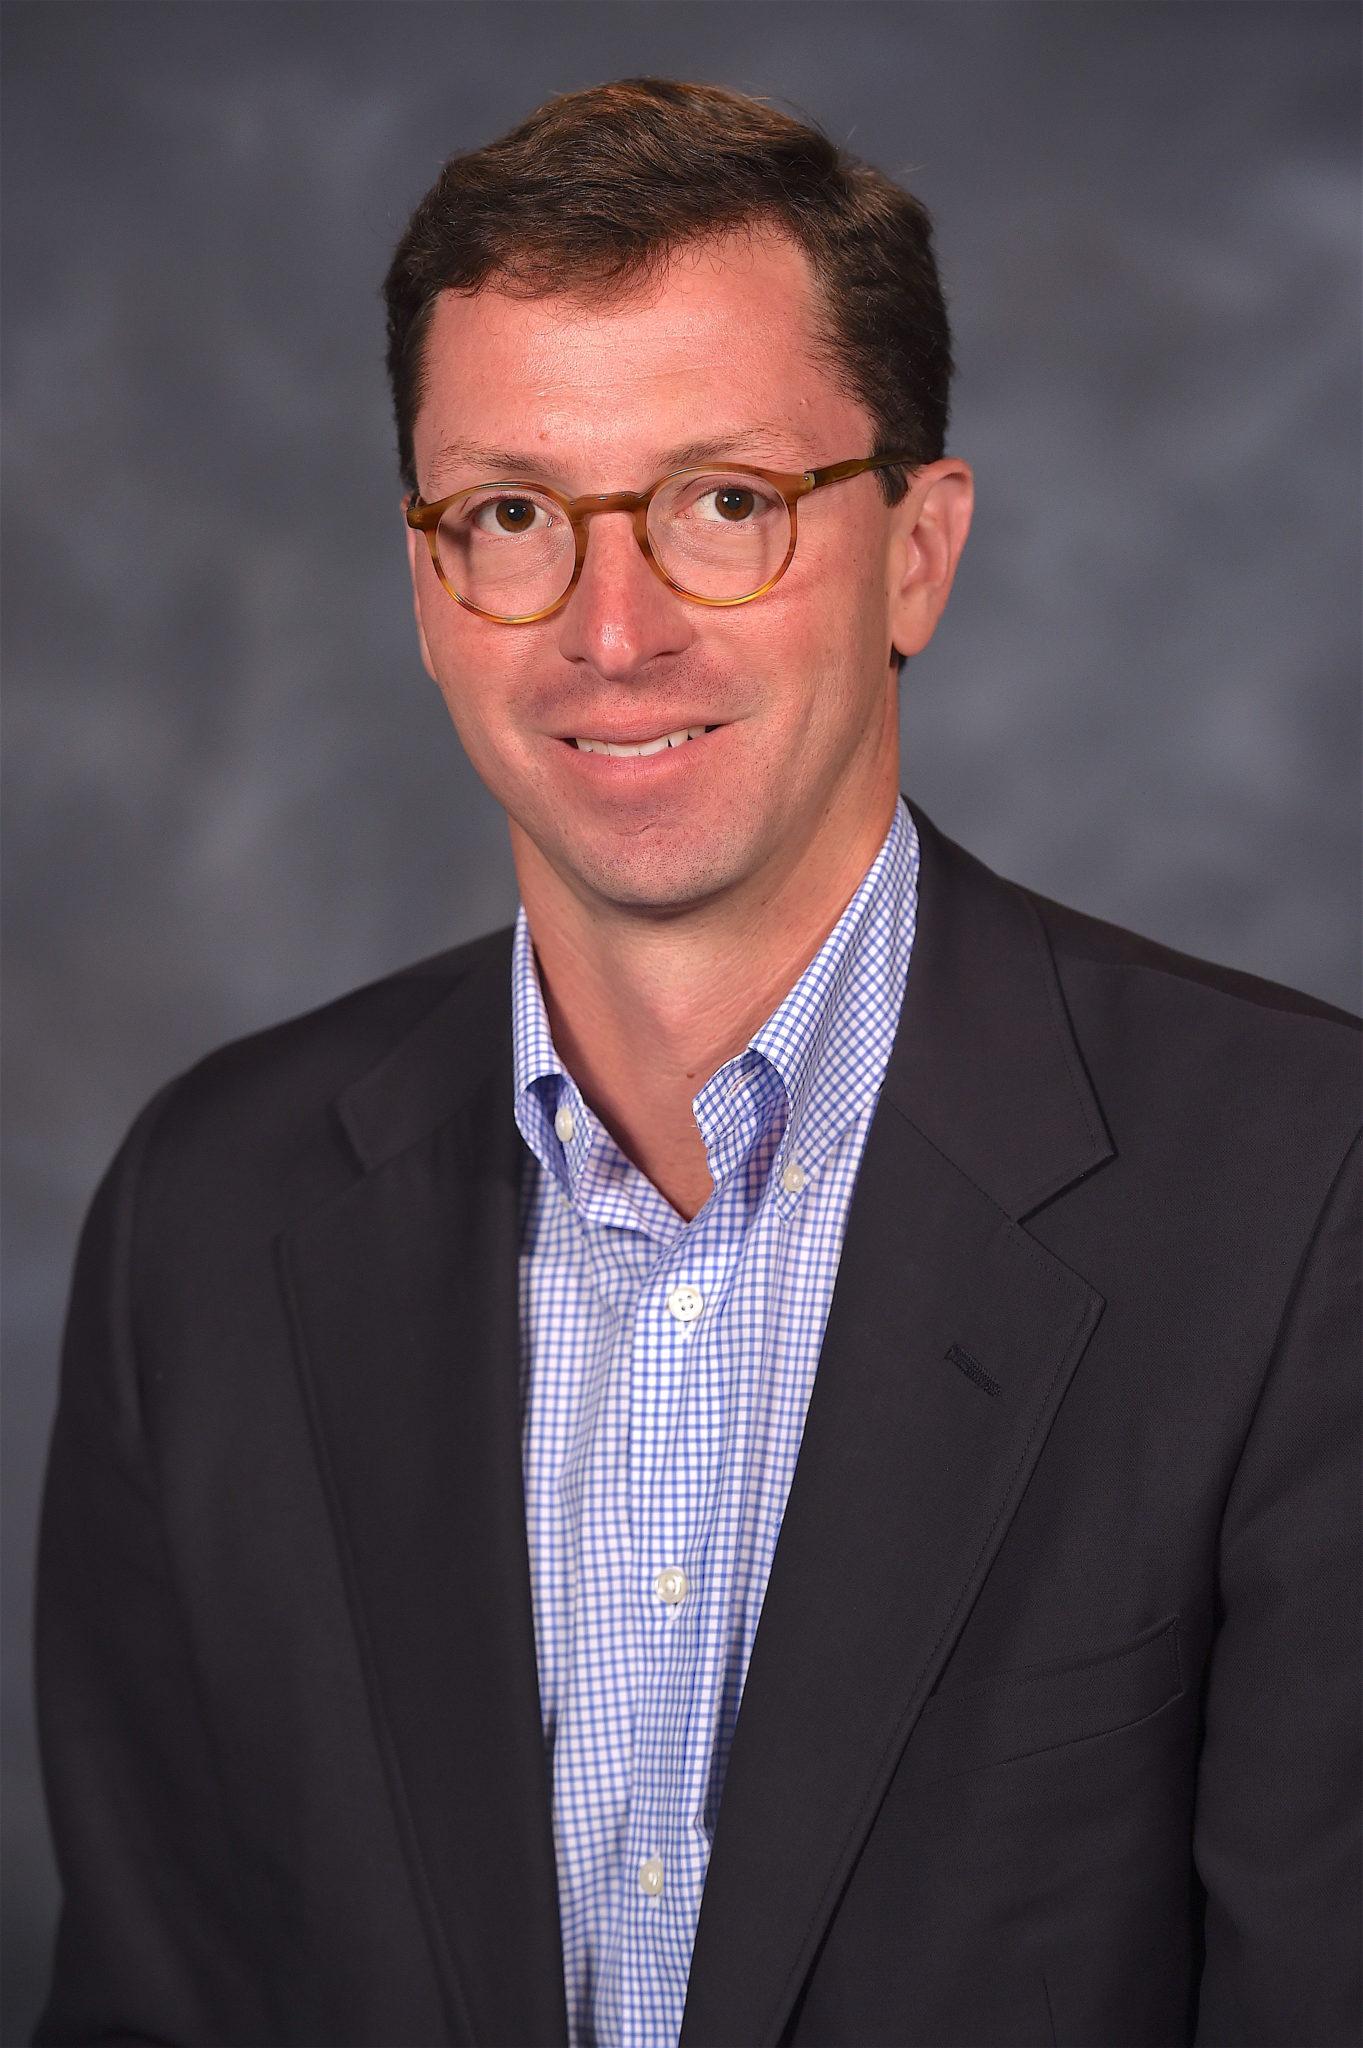 Mr. Ned Johnson